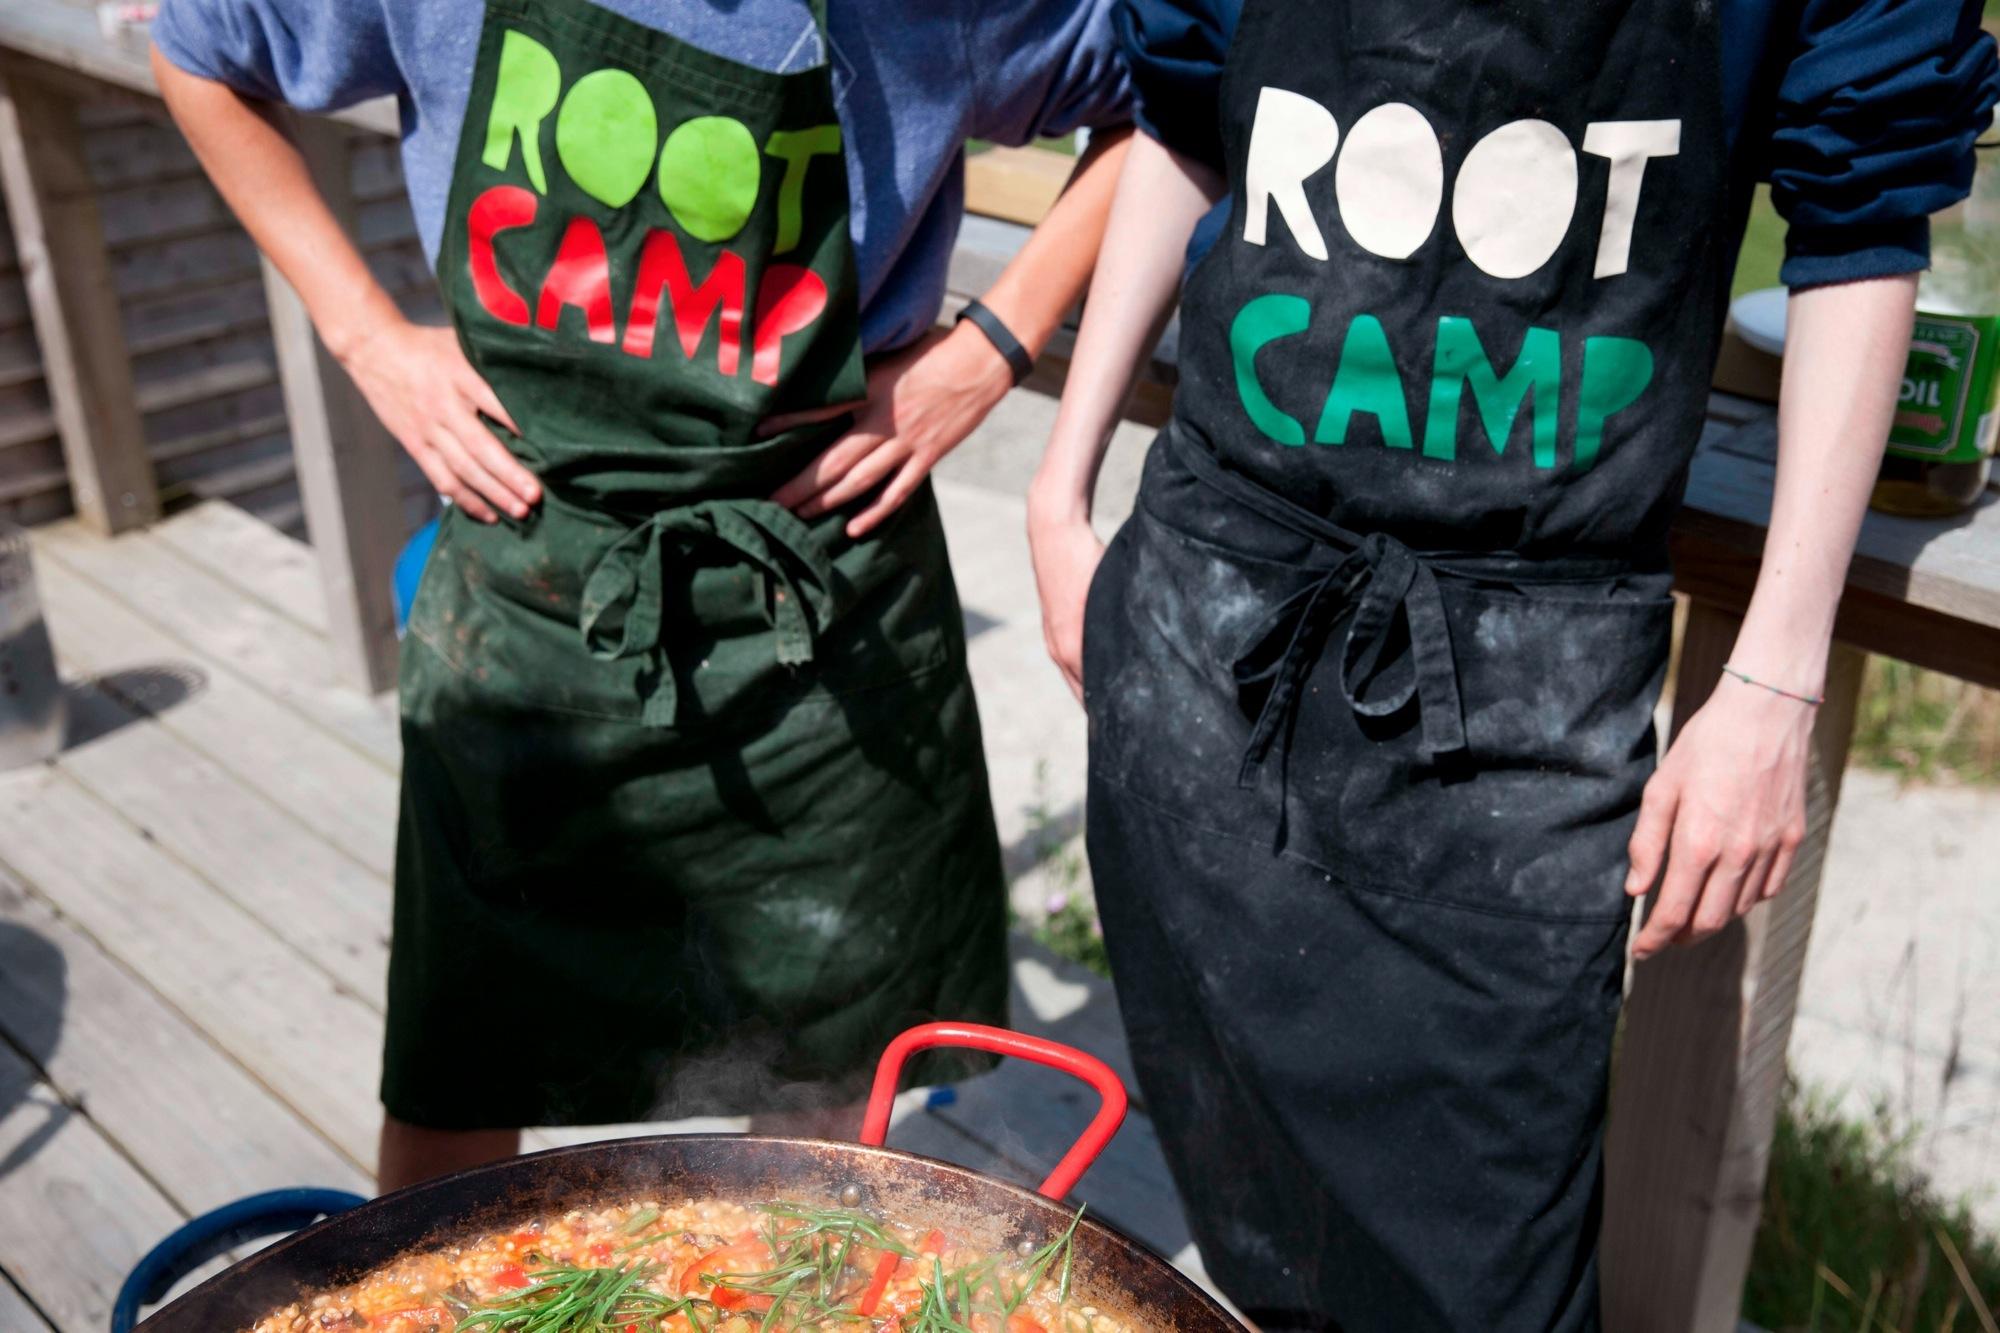 rootcamp 20149.jpg